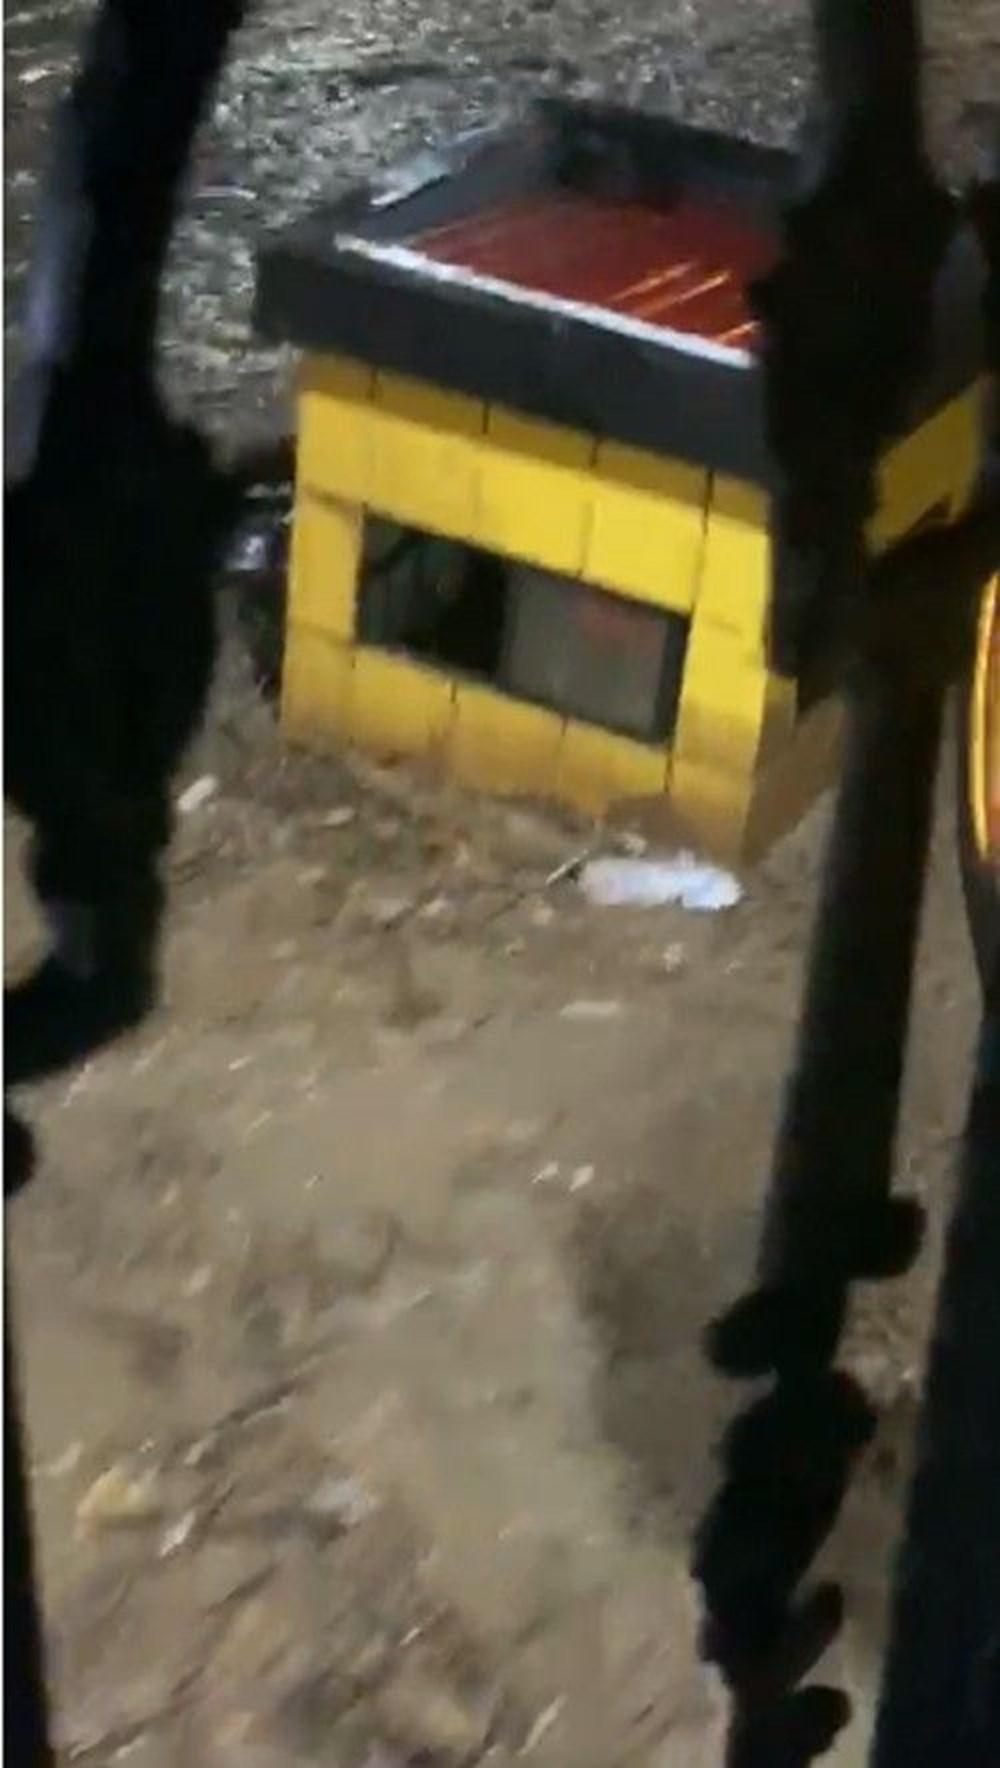 Giresun'u sel vurdu: 3 kişi hayatını kaybetti - 2